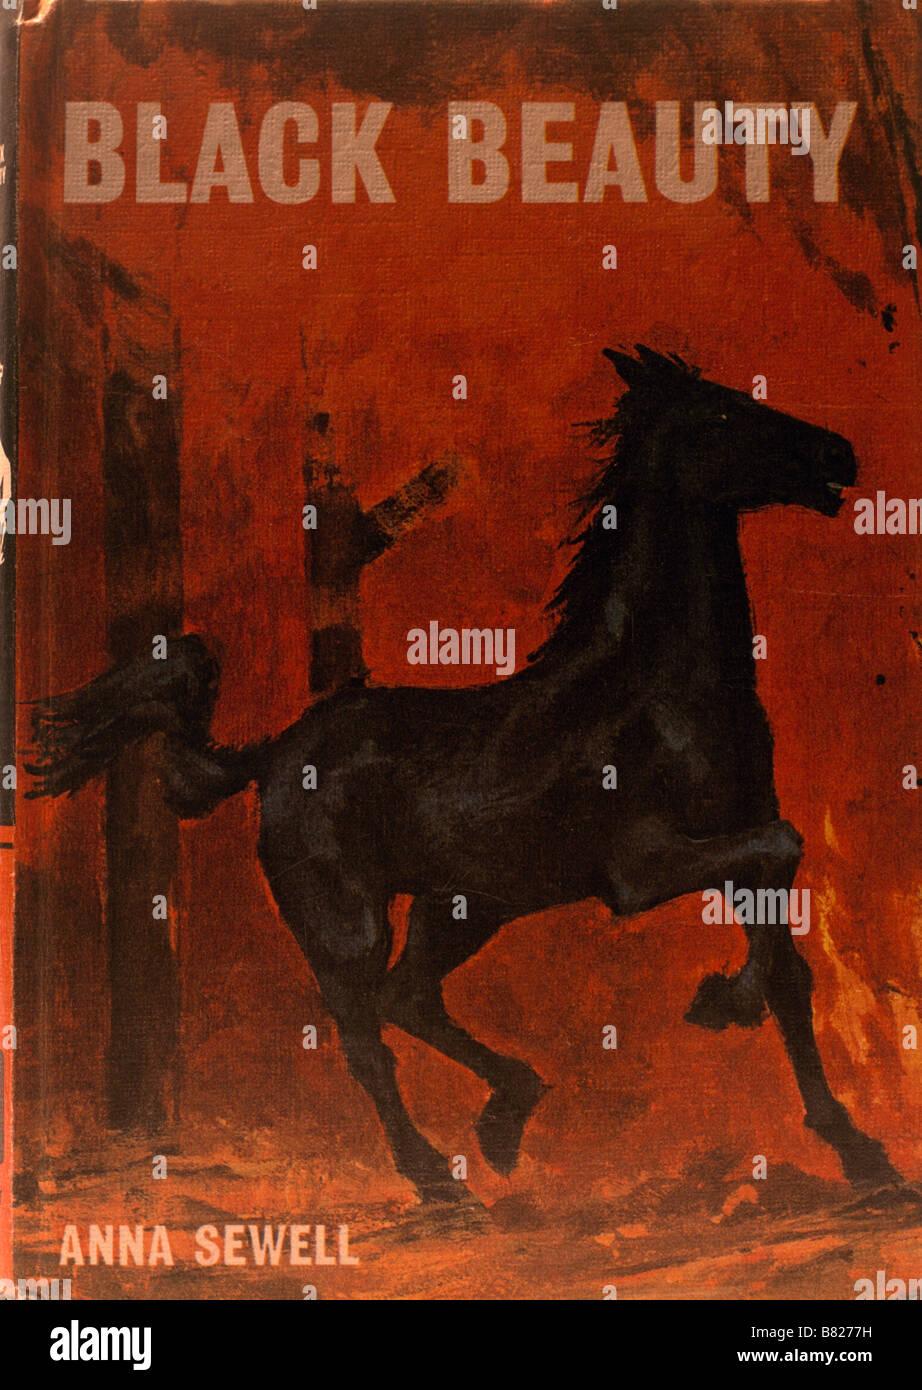 Copertina del libro per bambini Bellezza nera scritto da Anna Sewell Immagini Stock